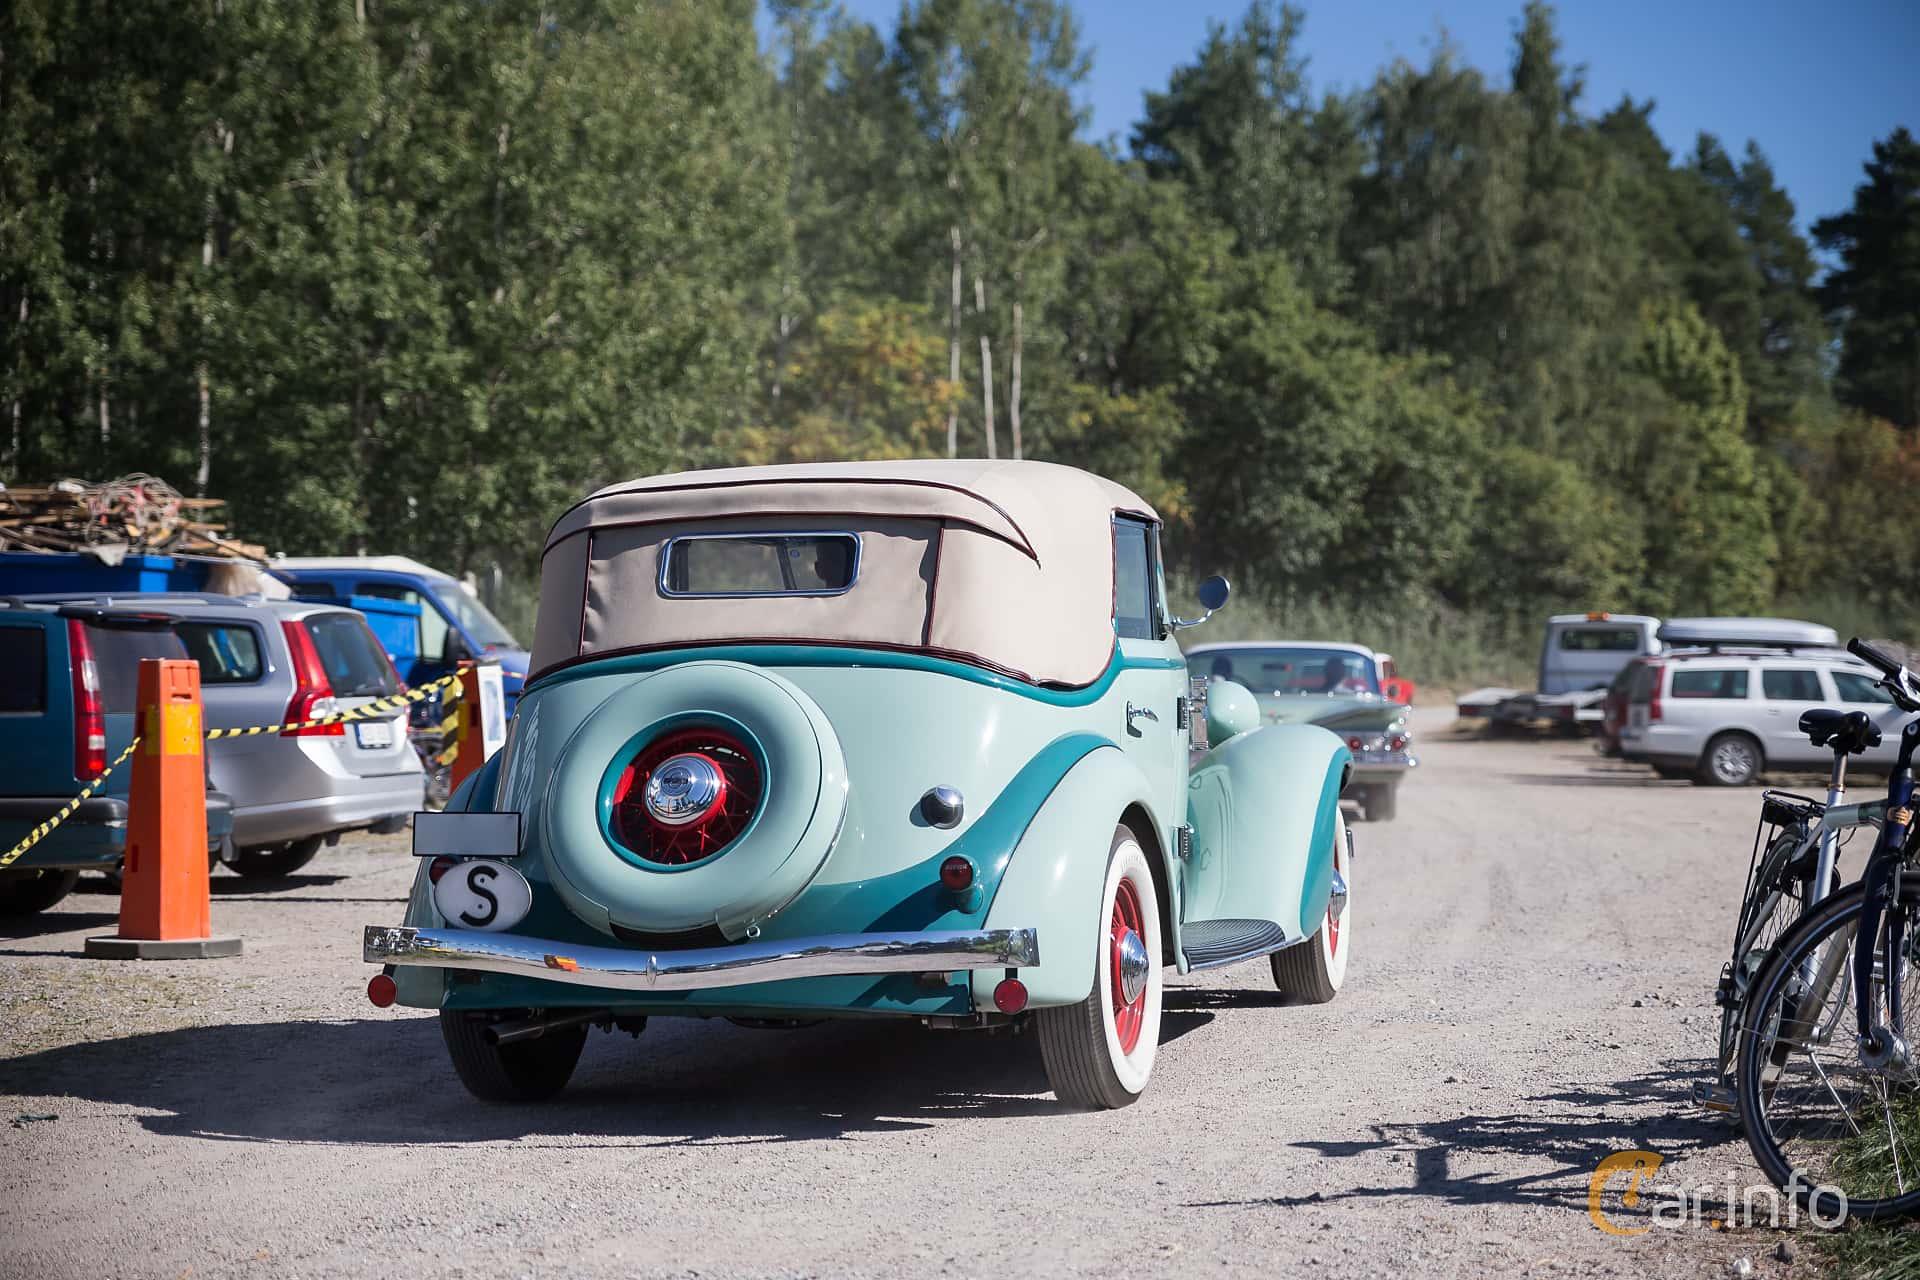 Auburn 652 Phaeton 3.4 Manual, 86hp, 1934 at Eskilstunas Veterandag 2015